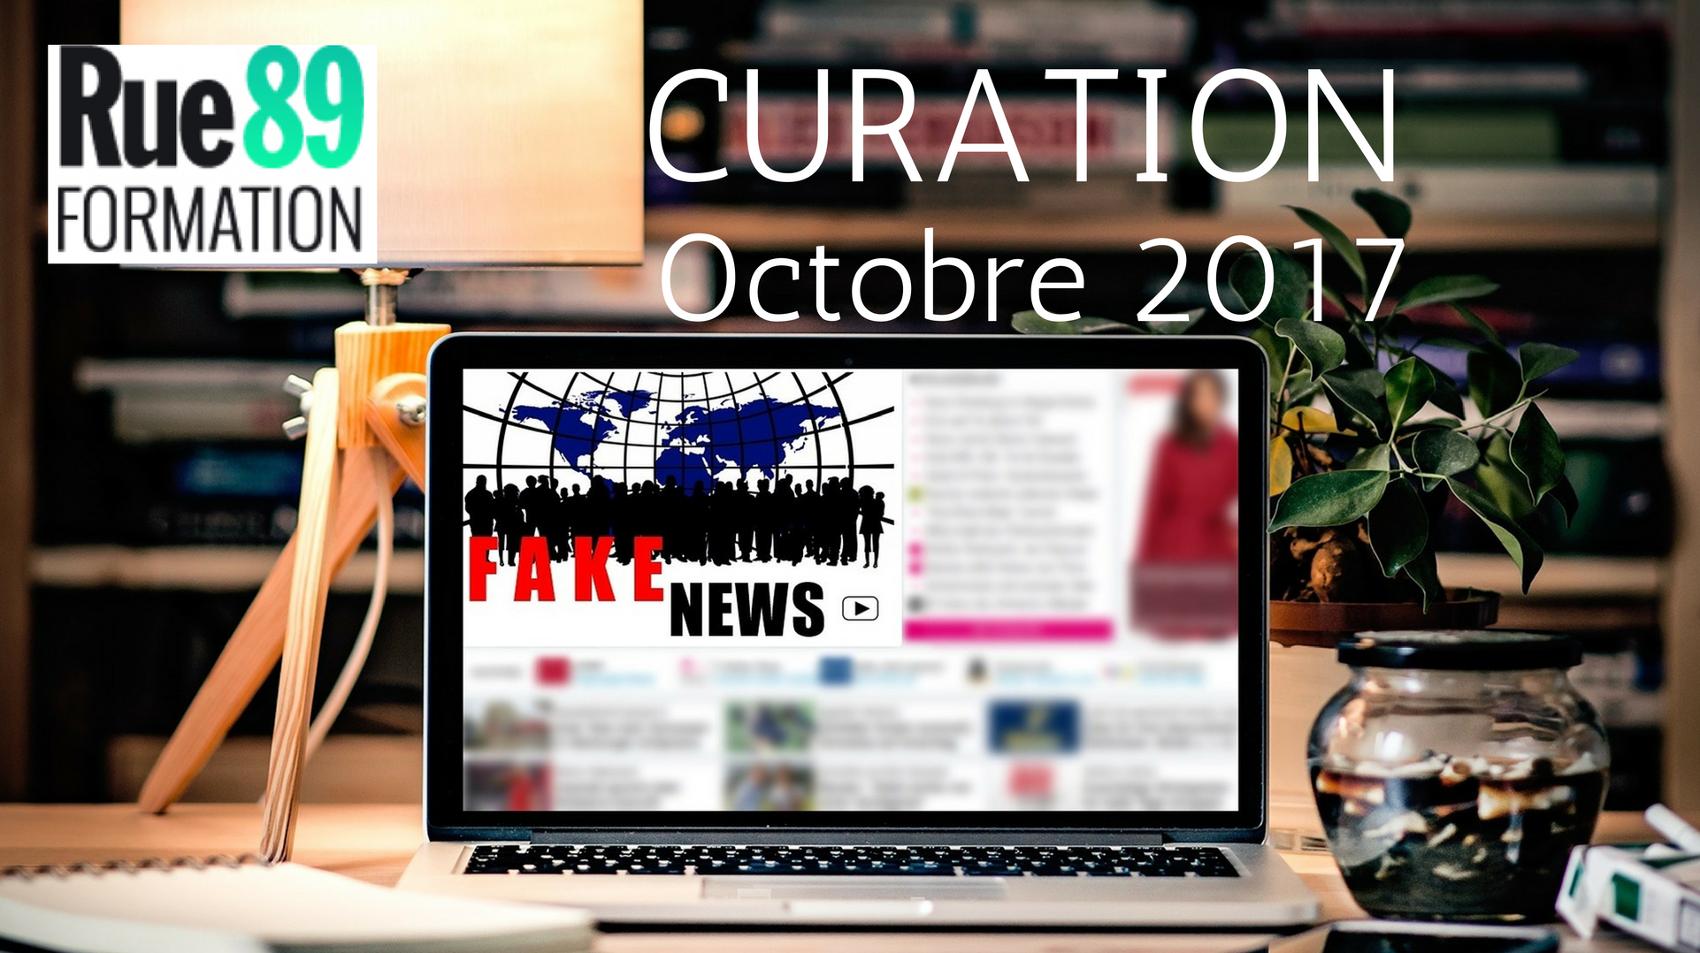 curation_octobre_rue89formation